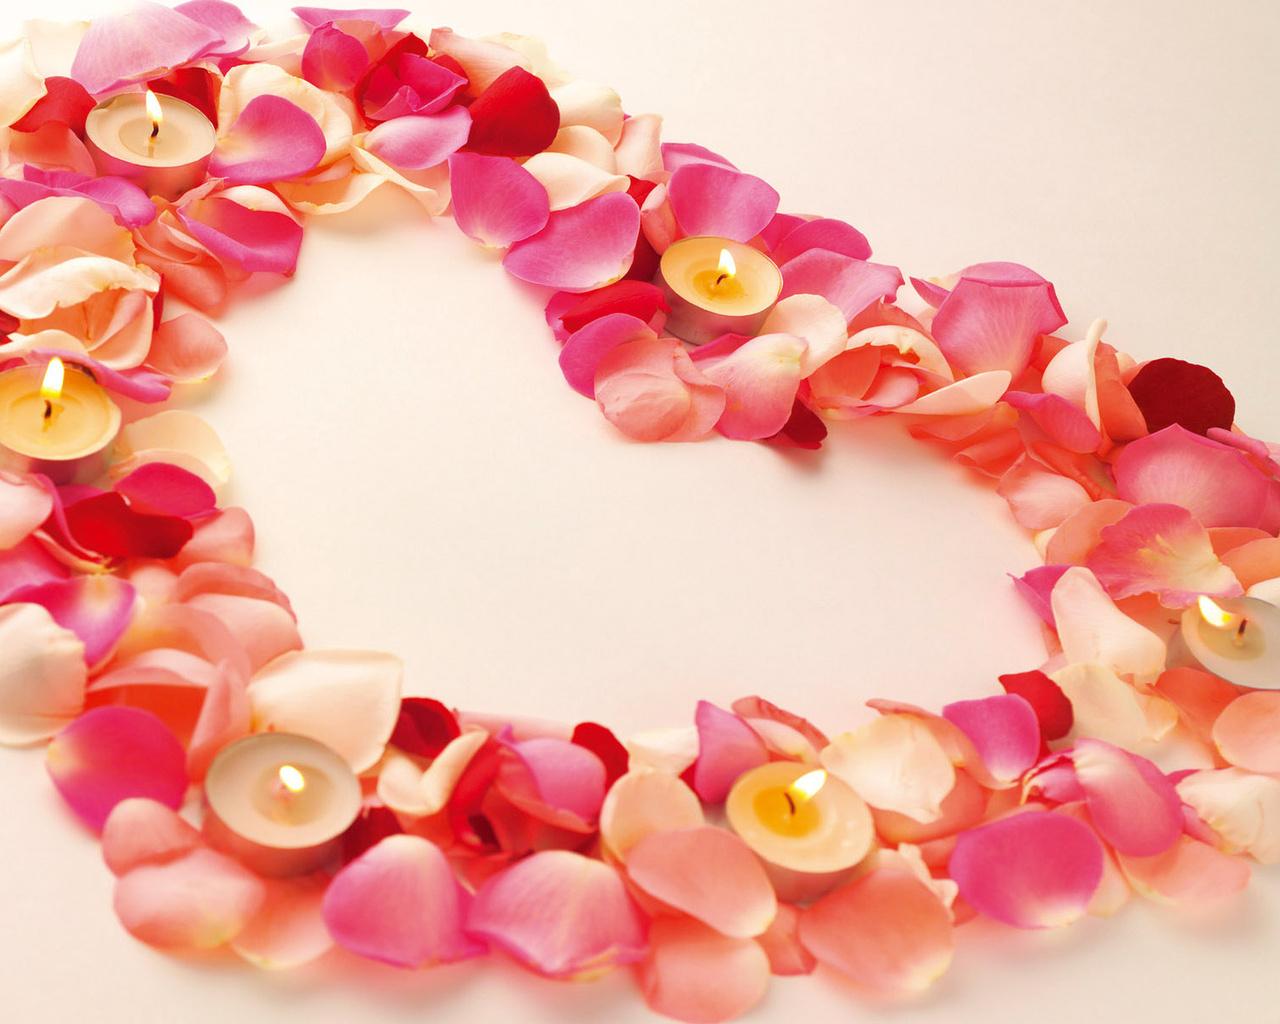 http://4.bp.blogspot.com/-VPVBkWQG1Zk/TyLuyljstWI/AAAAAAAACQk/9QdQrfm8coA/s1600/Valentines-Day-2012-Romantic-Wallpaper.jpg